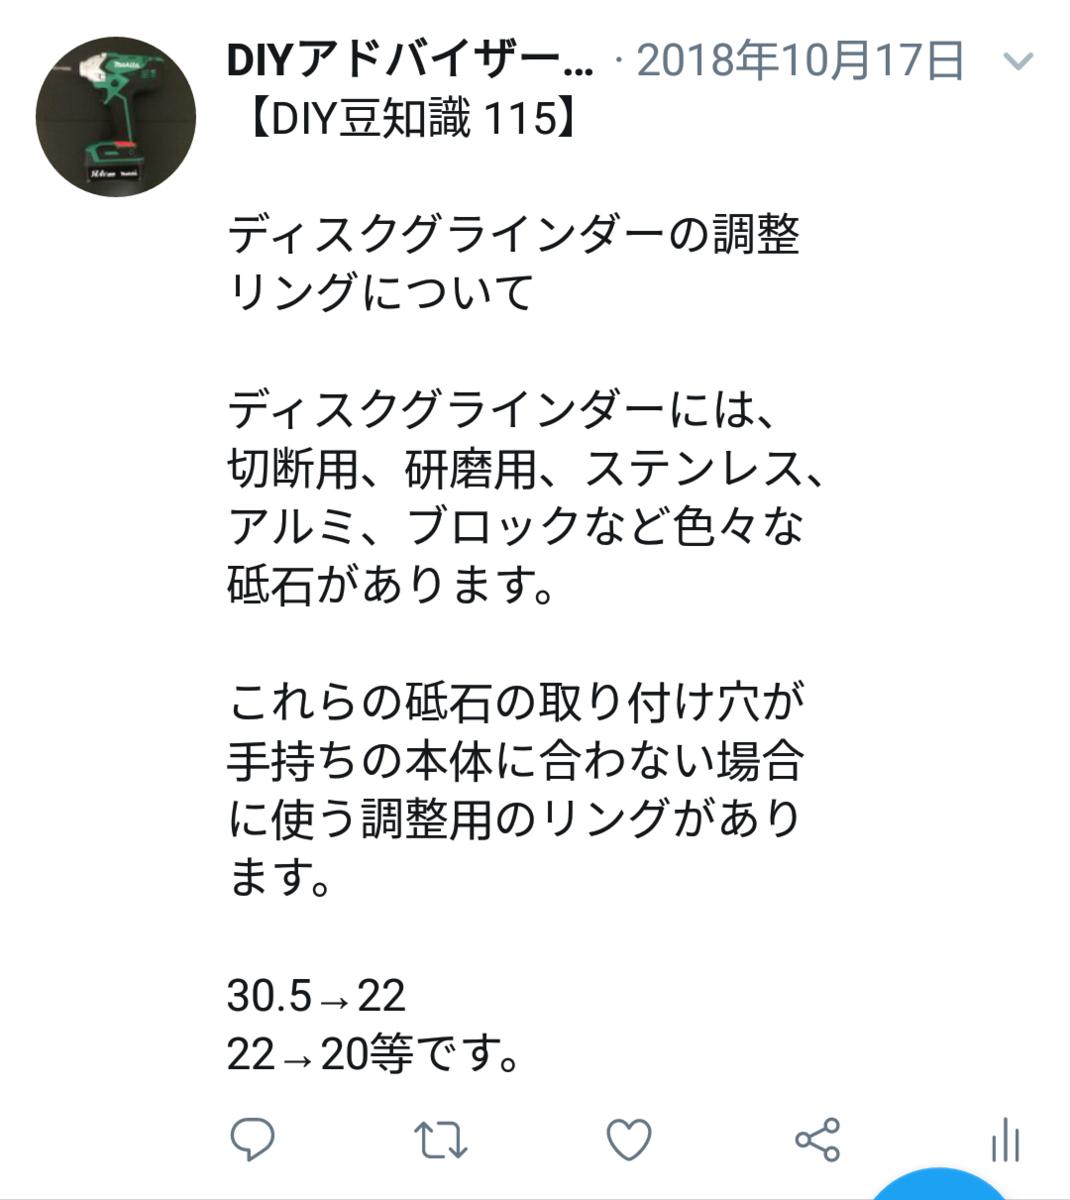 f:id:DIY33:20190406194511p:plain